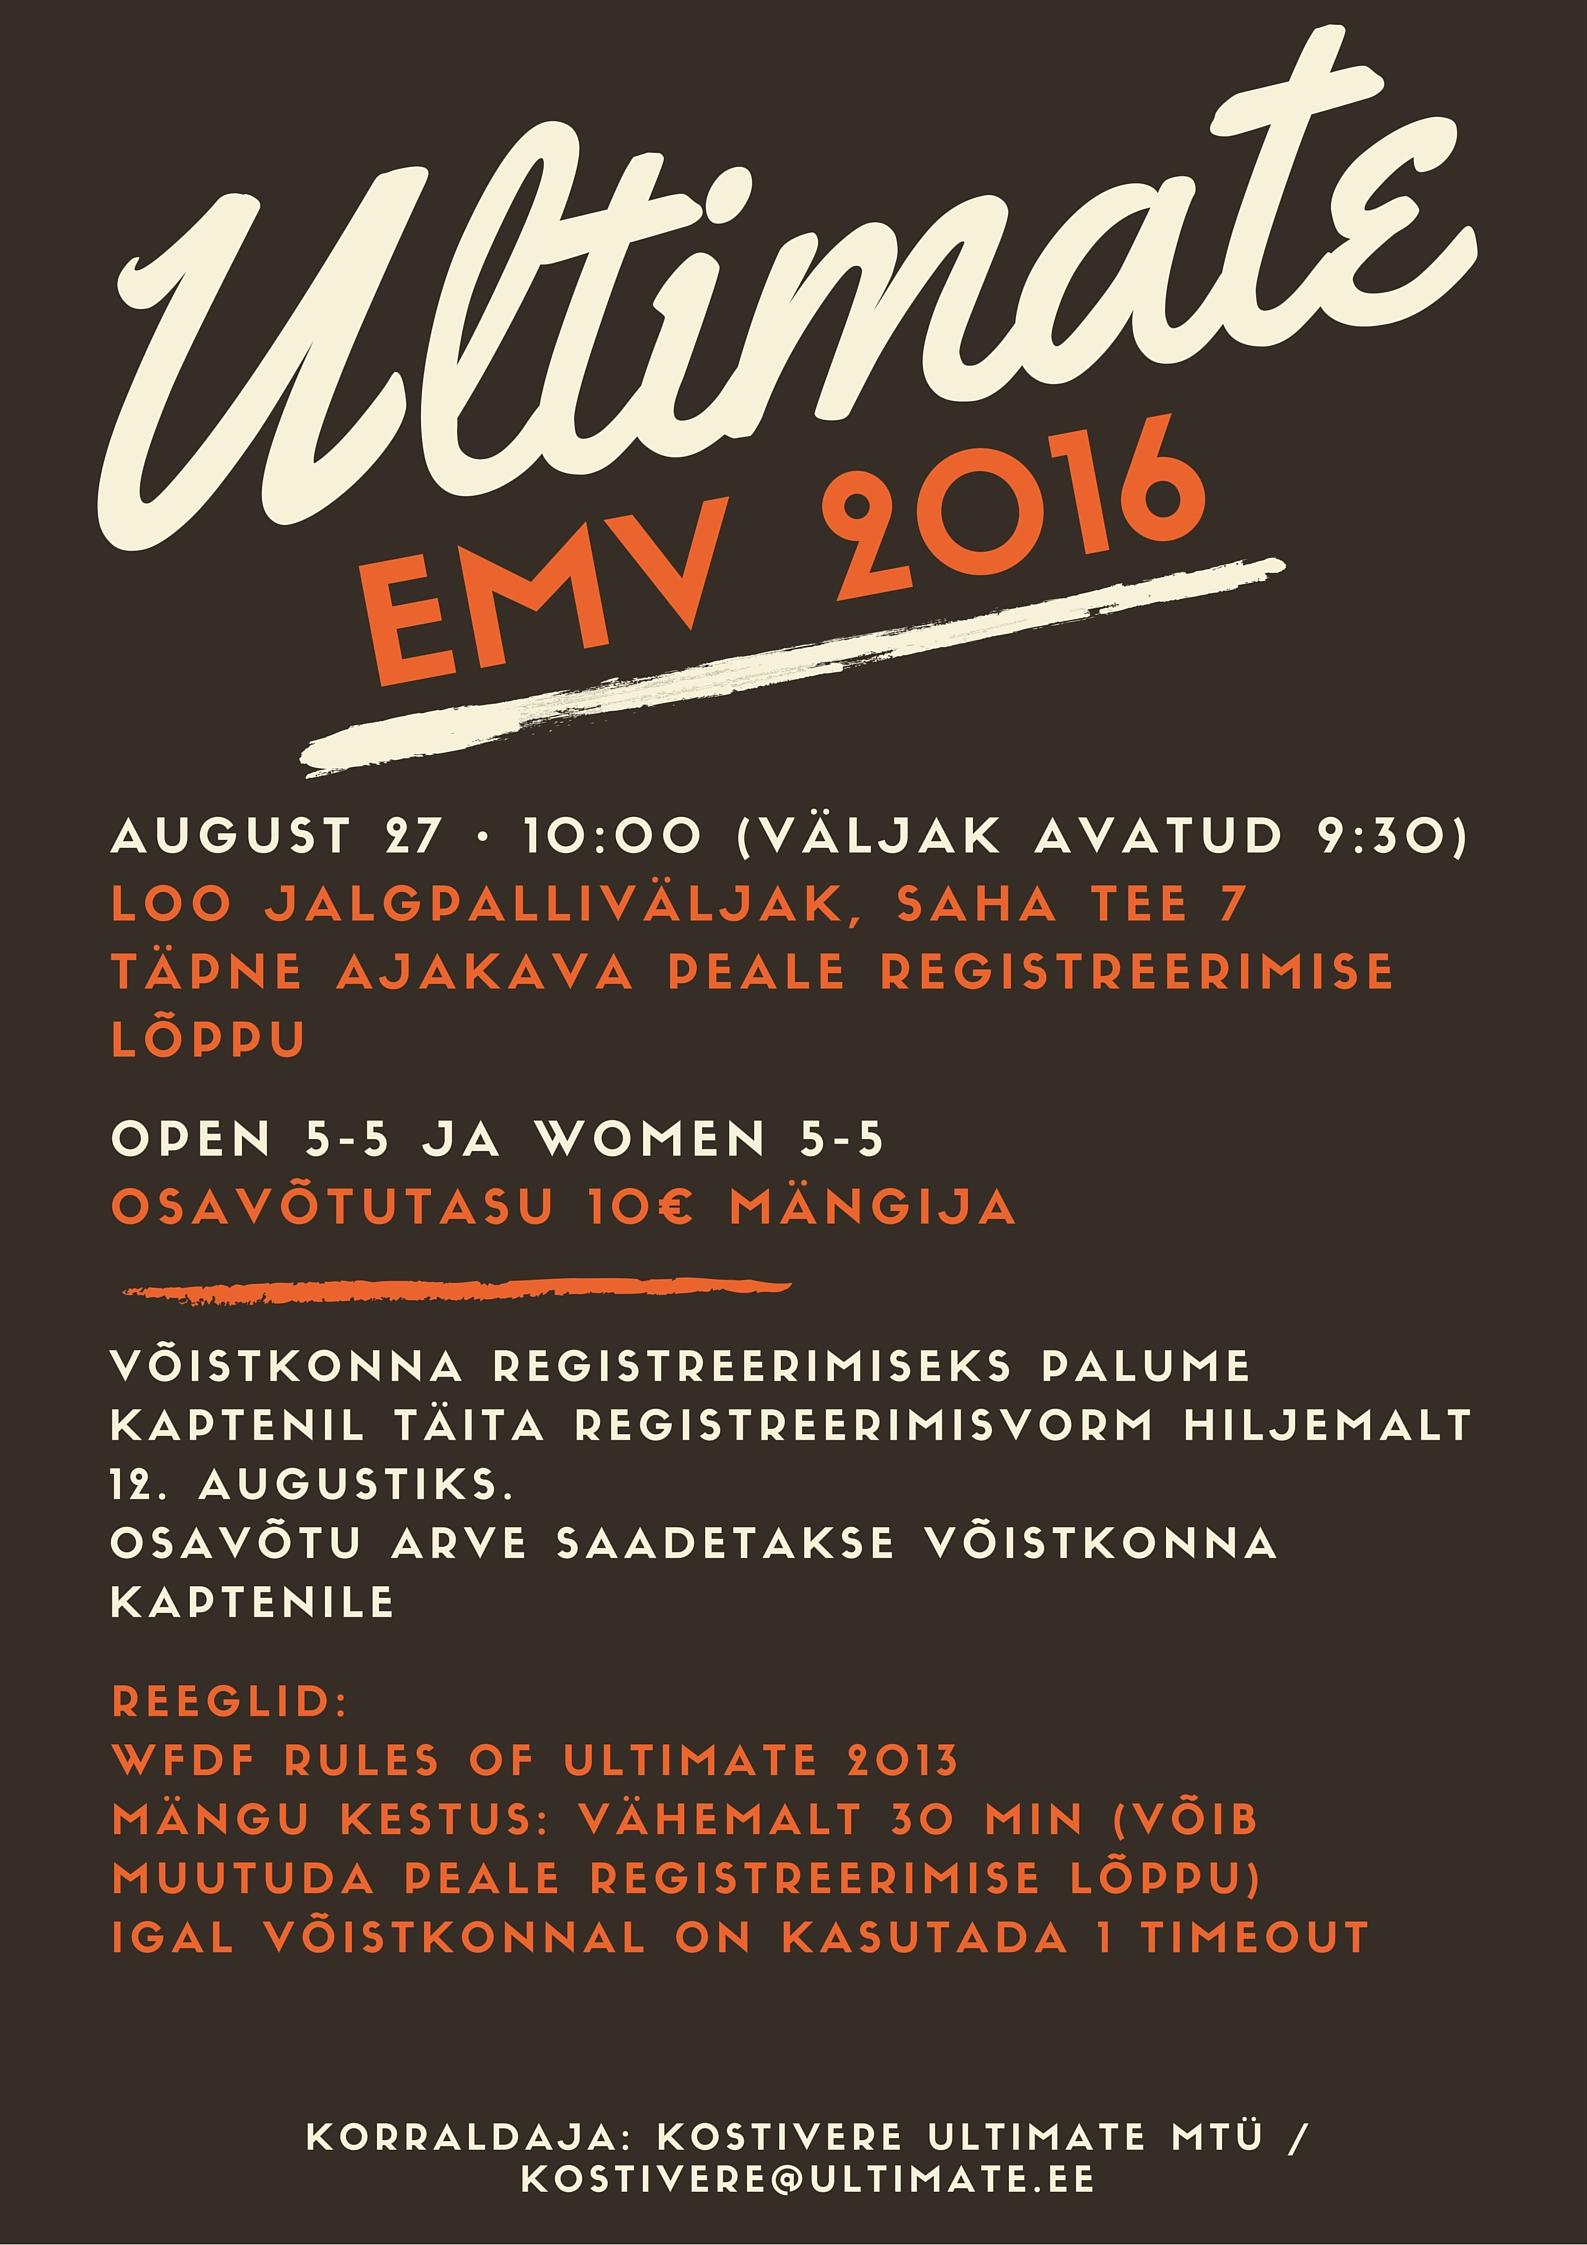 Ultimate EMV 2016